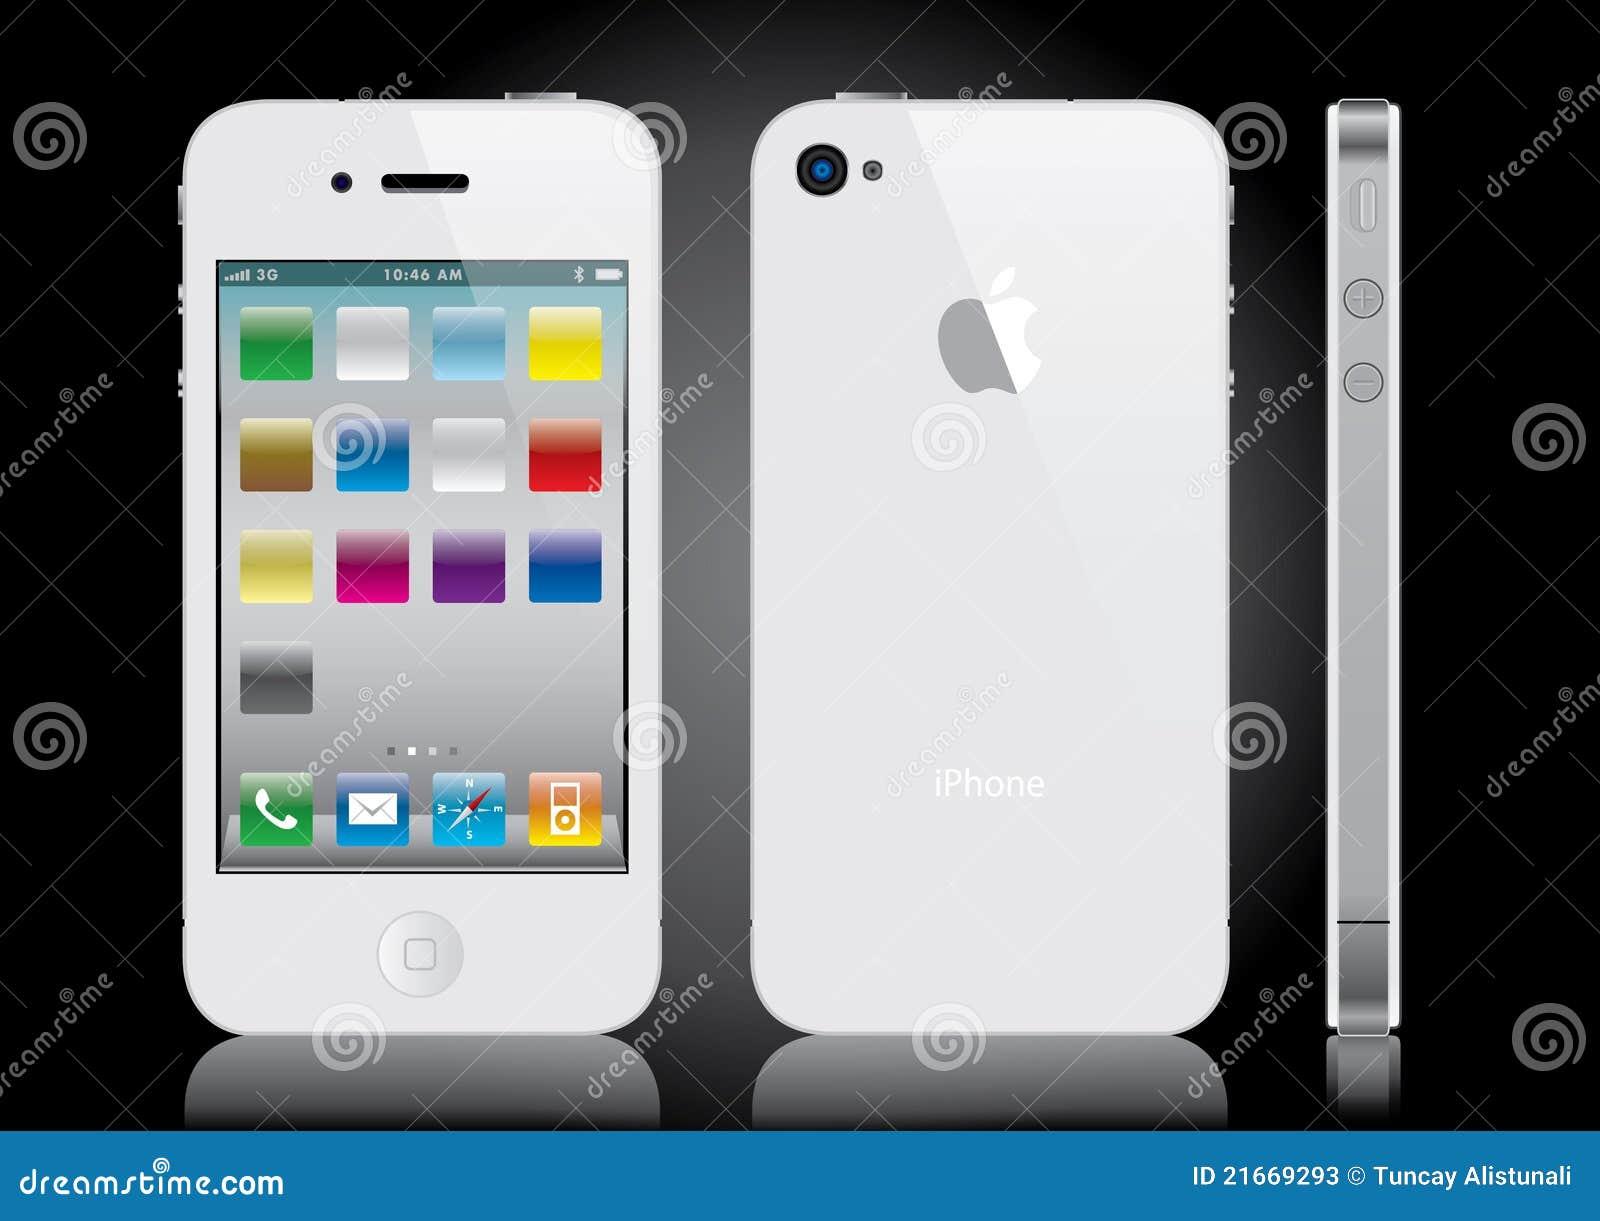 Iphonewhite